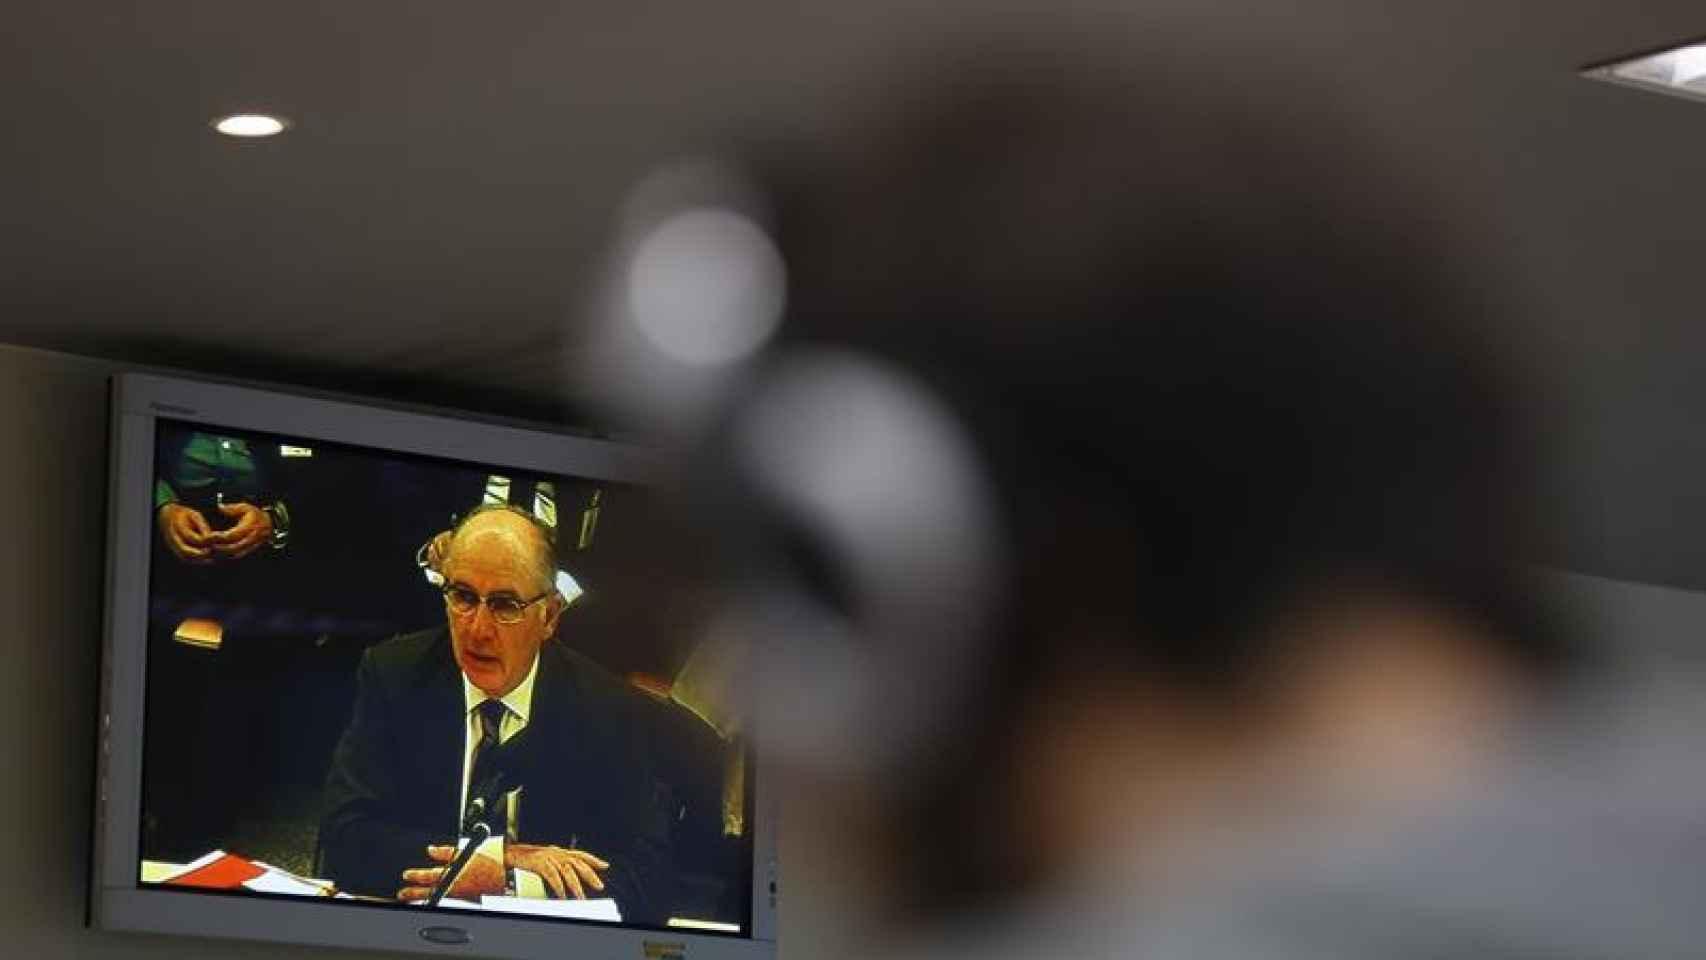 El ex presidente de Caja Madrid Rodrigo Rato durante su declaración